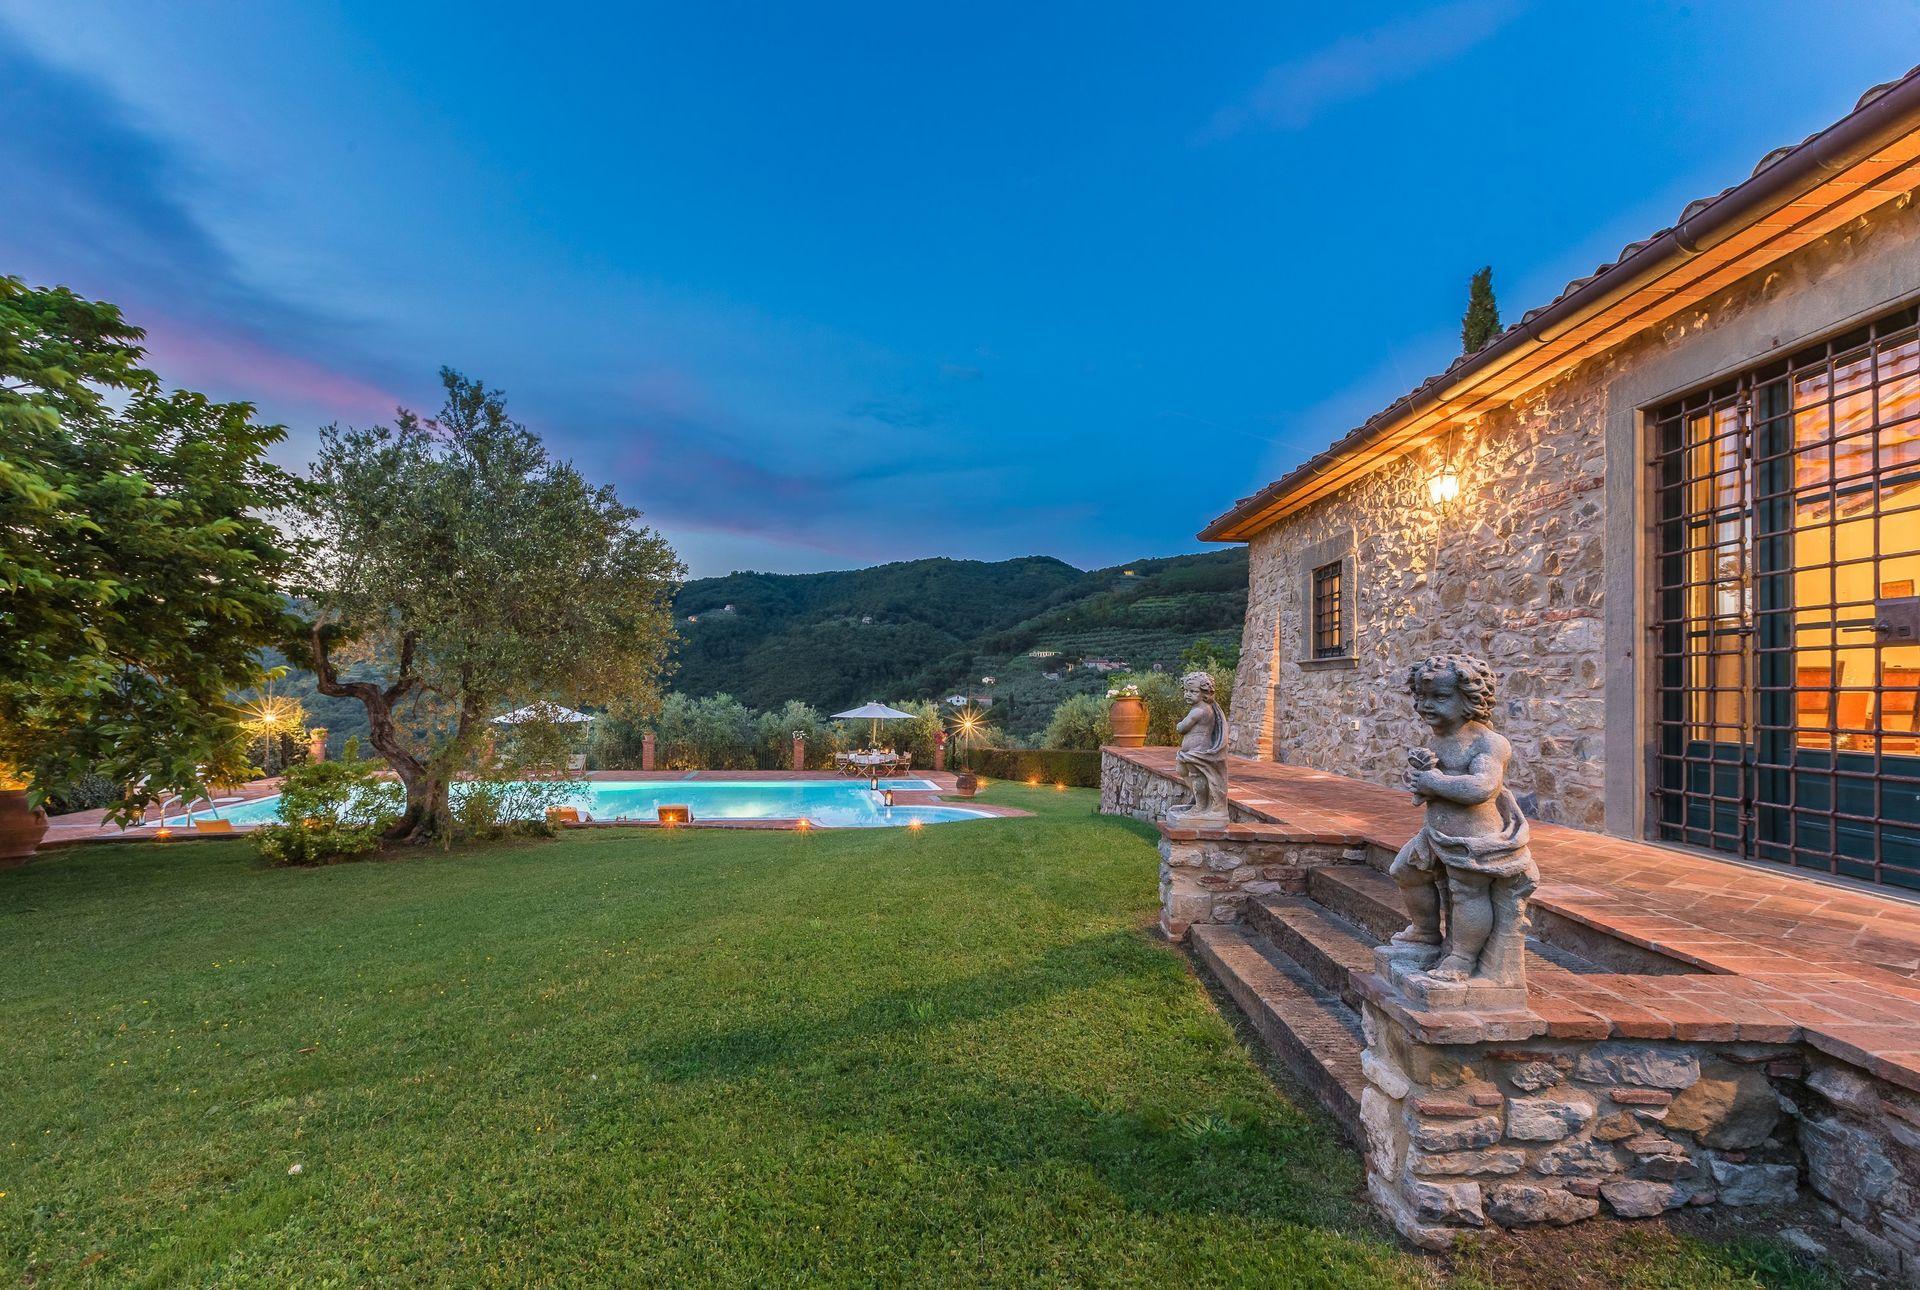 Villa ann casa vacanze con 10 posti letto in 4 camere for Branson cabin rentals 4 camere da letto